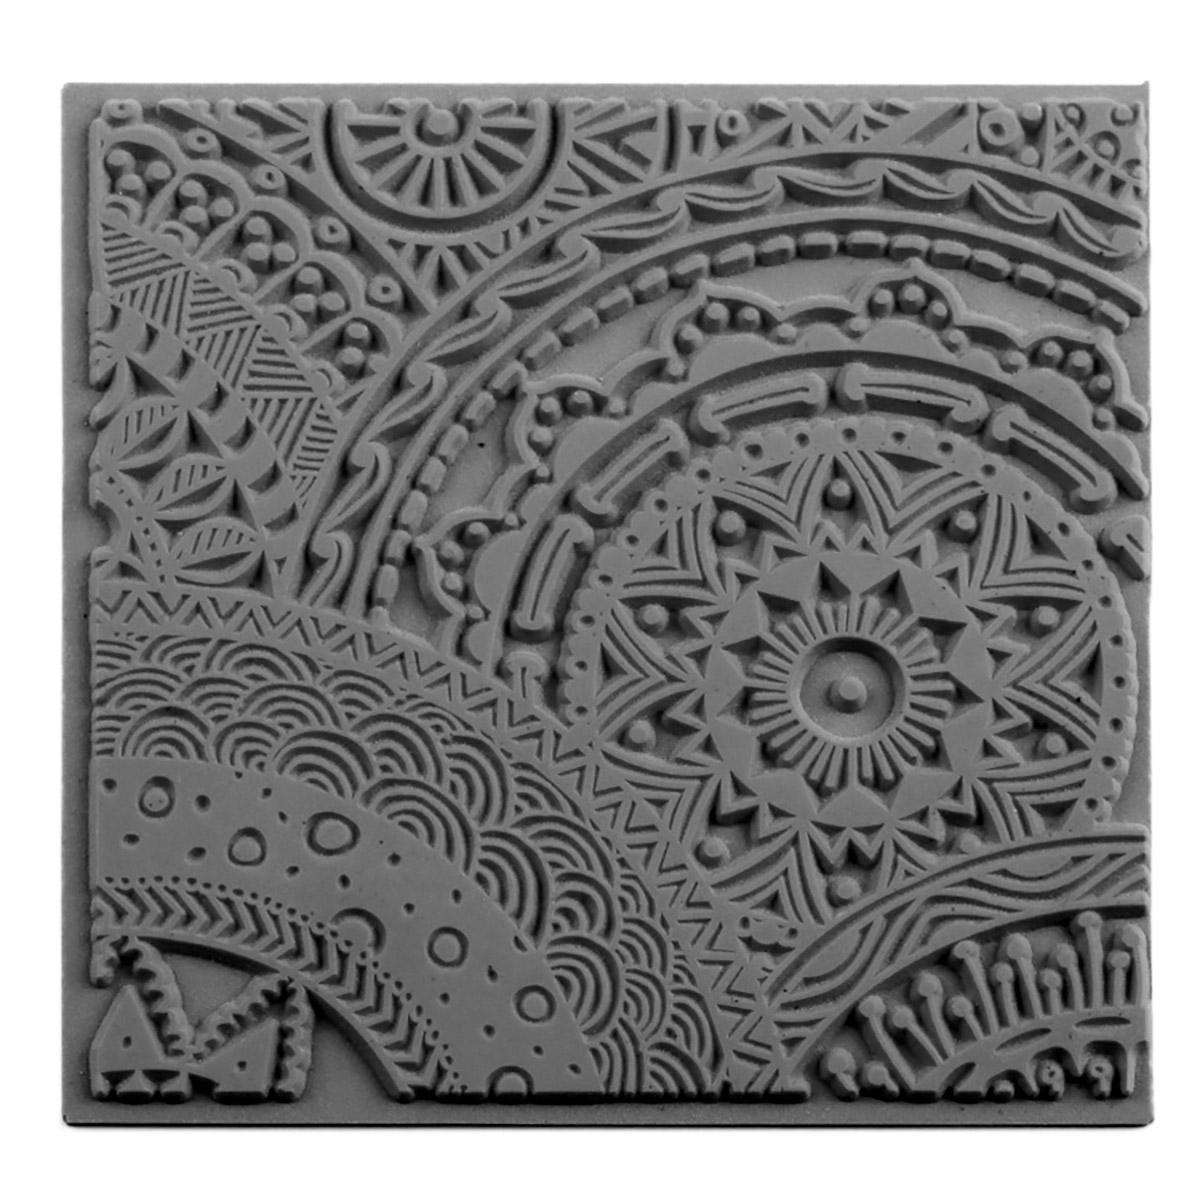 CE95017 Текстура для пластики резиновая 'Звездочки', 9х9 см. Cernit